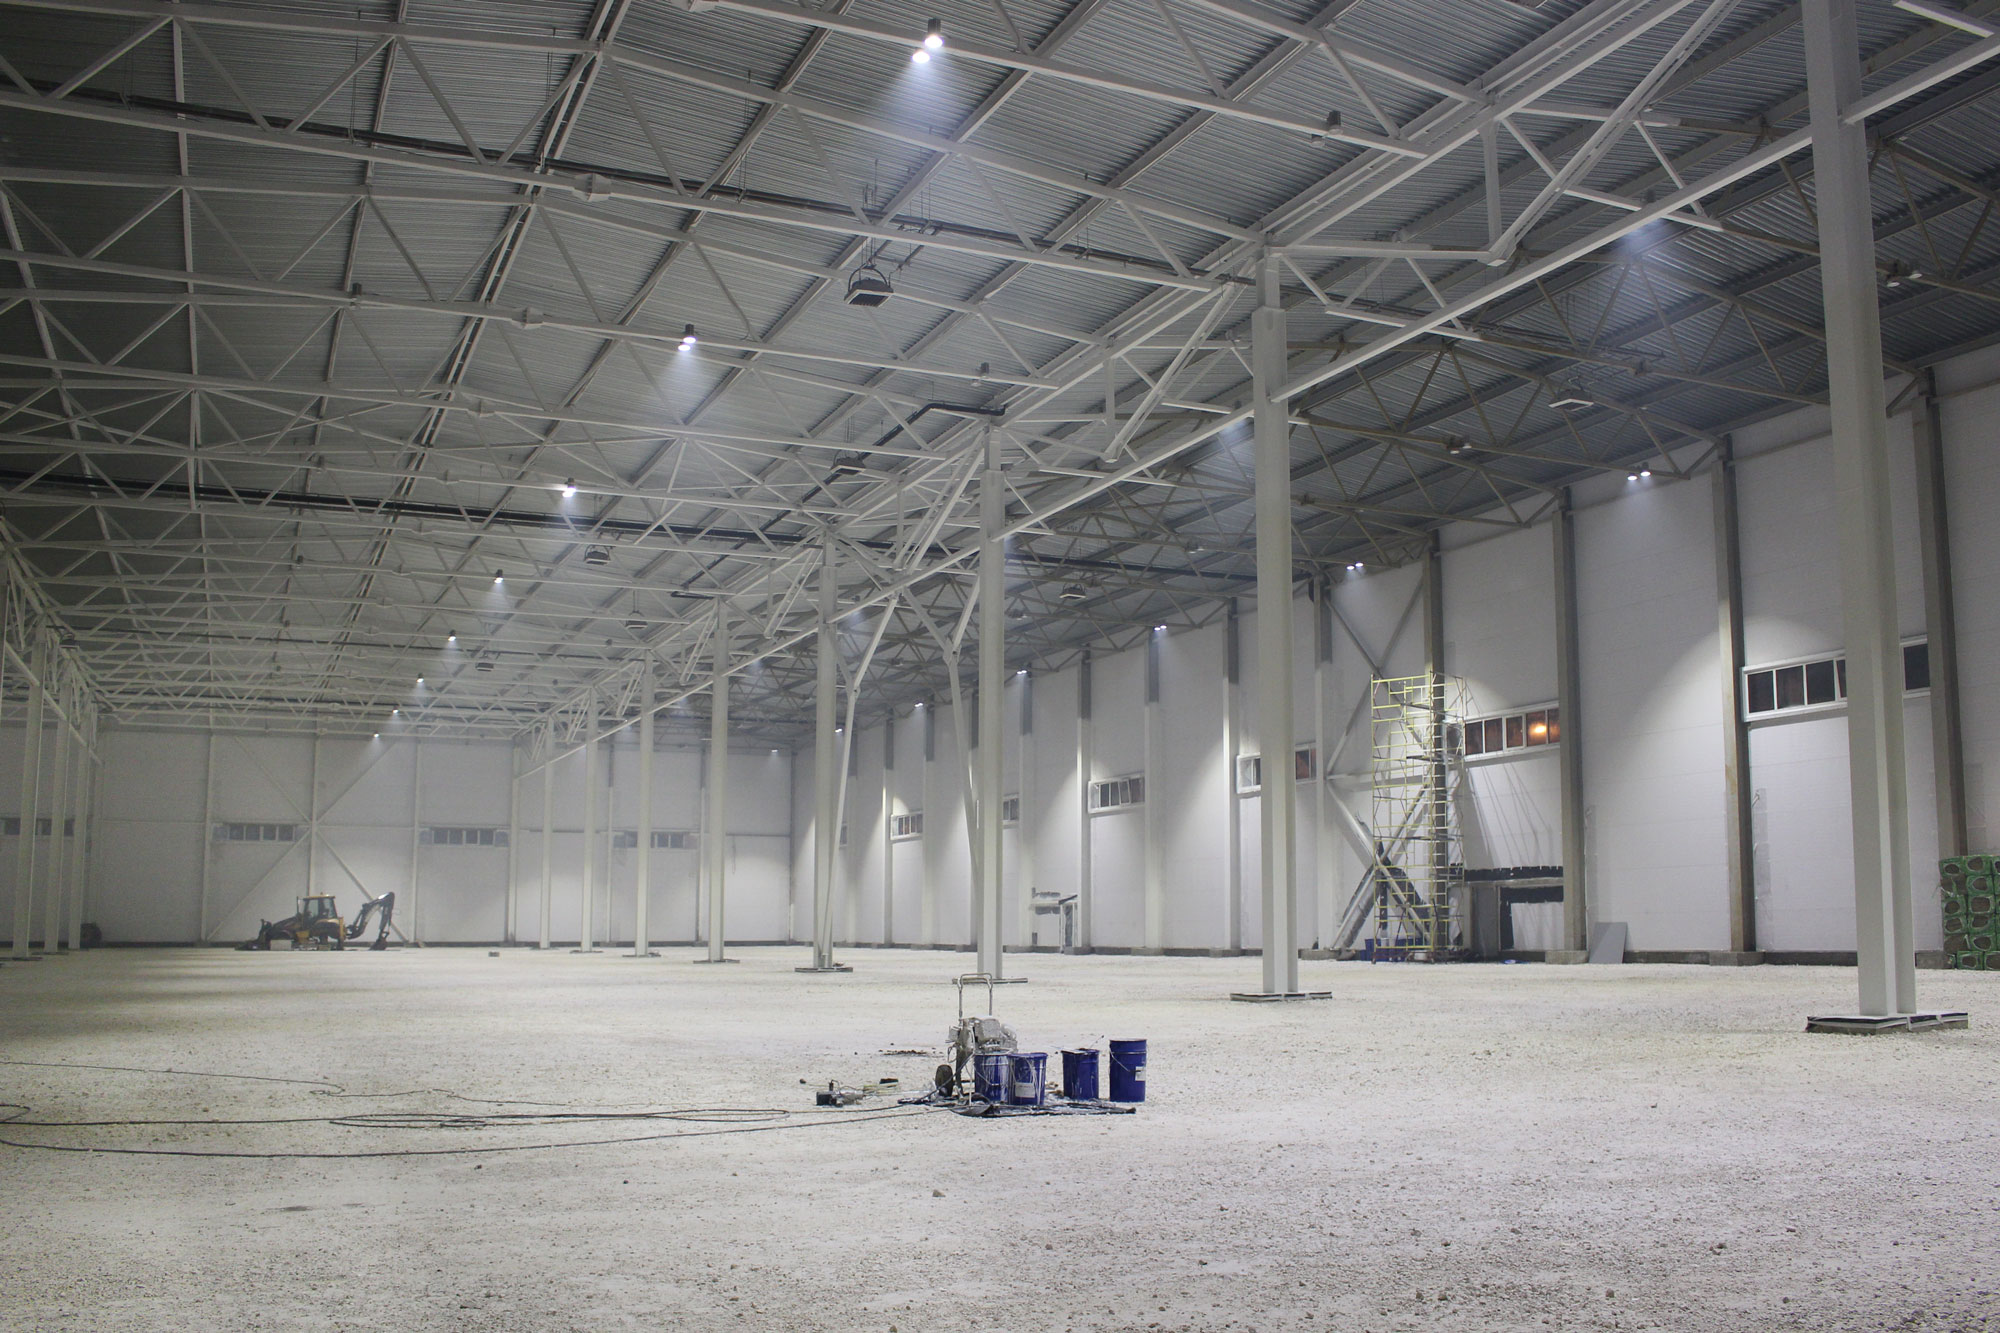 Освещение склада ООО «ГК Мобил плюс»